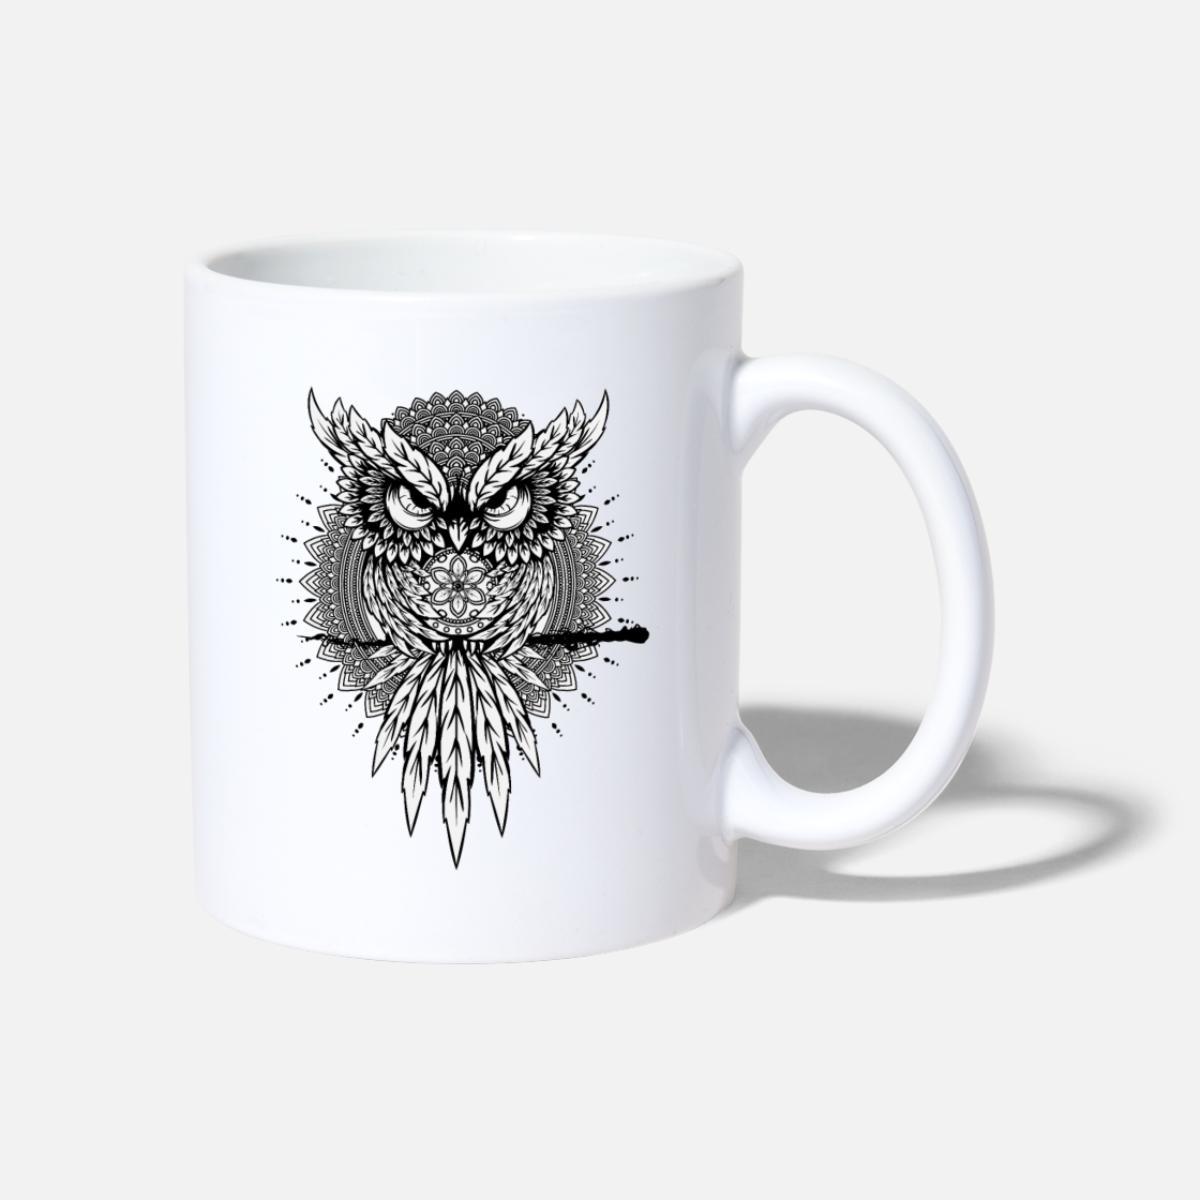 Wütende Eule Mandala Vogel Nacht Tasse - Weiß bei Mandala Vogel